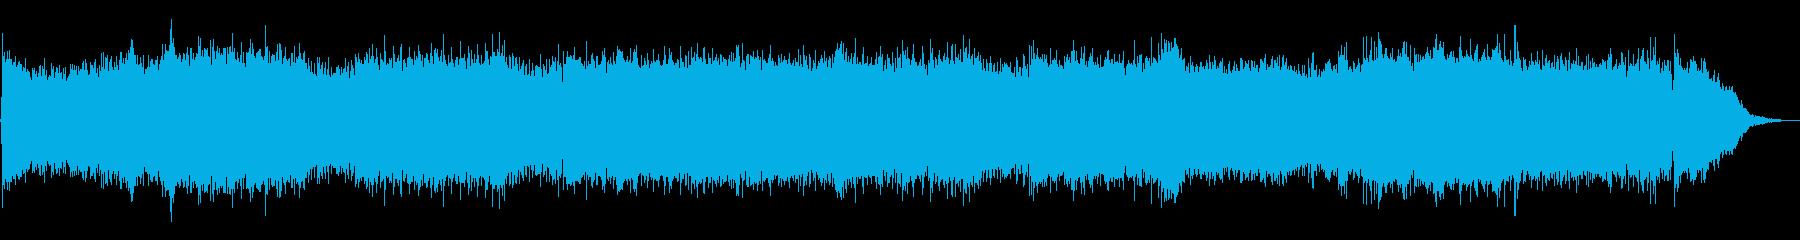 Cyber War_オーケストラ無しの再生済みの波形